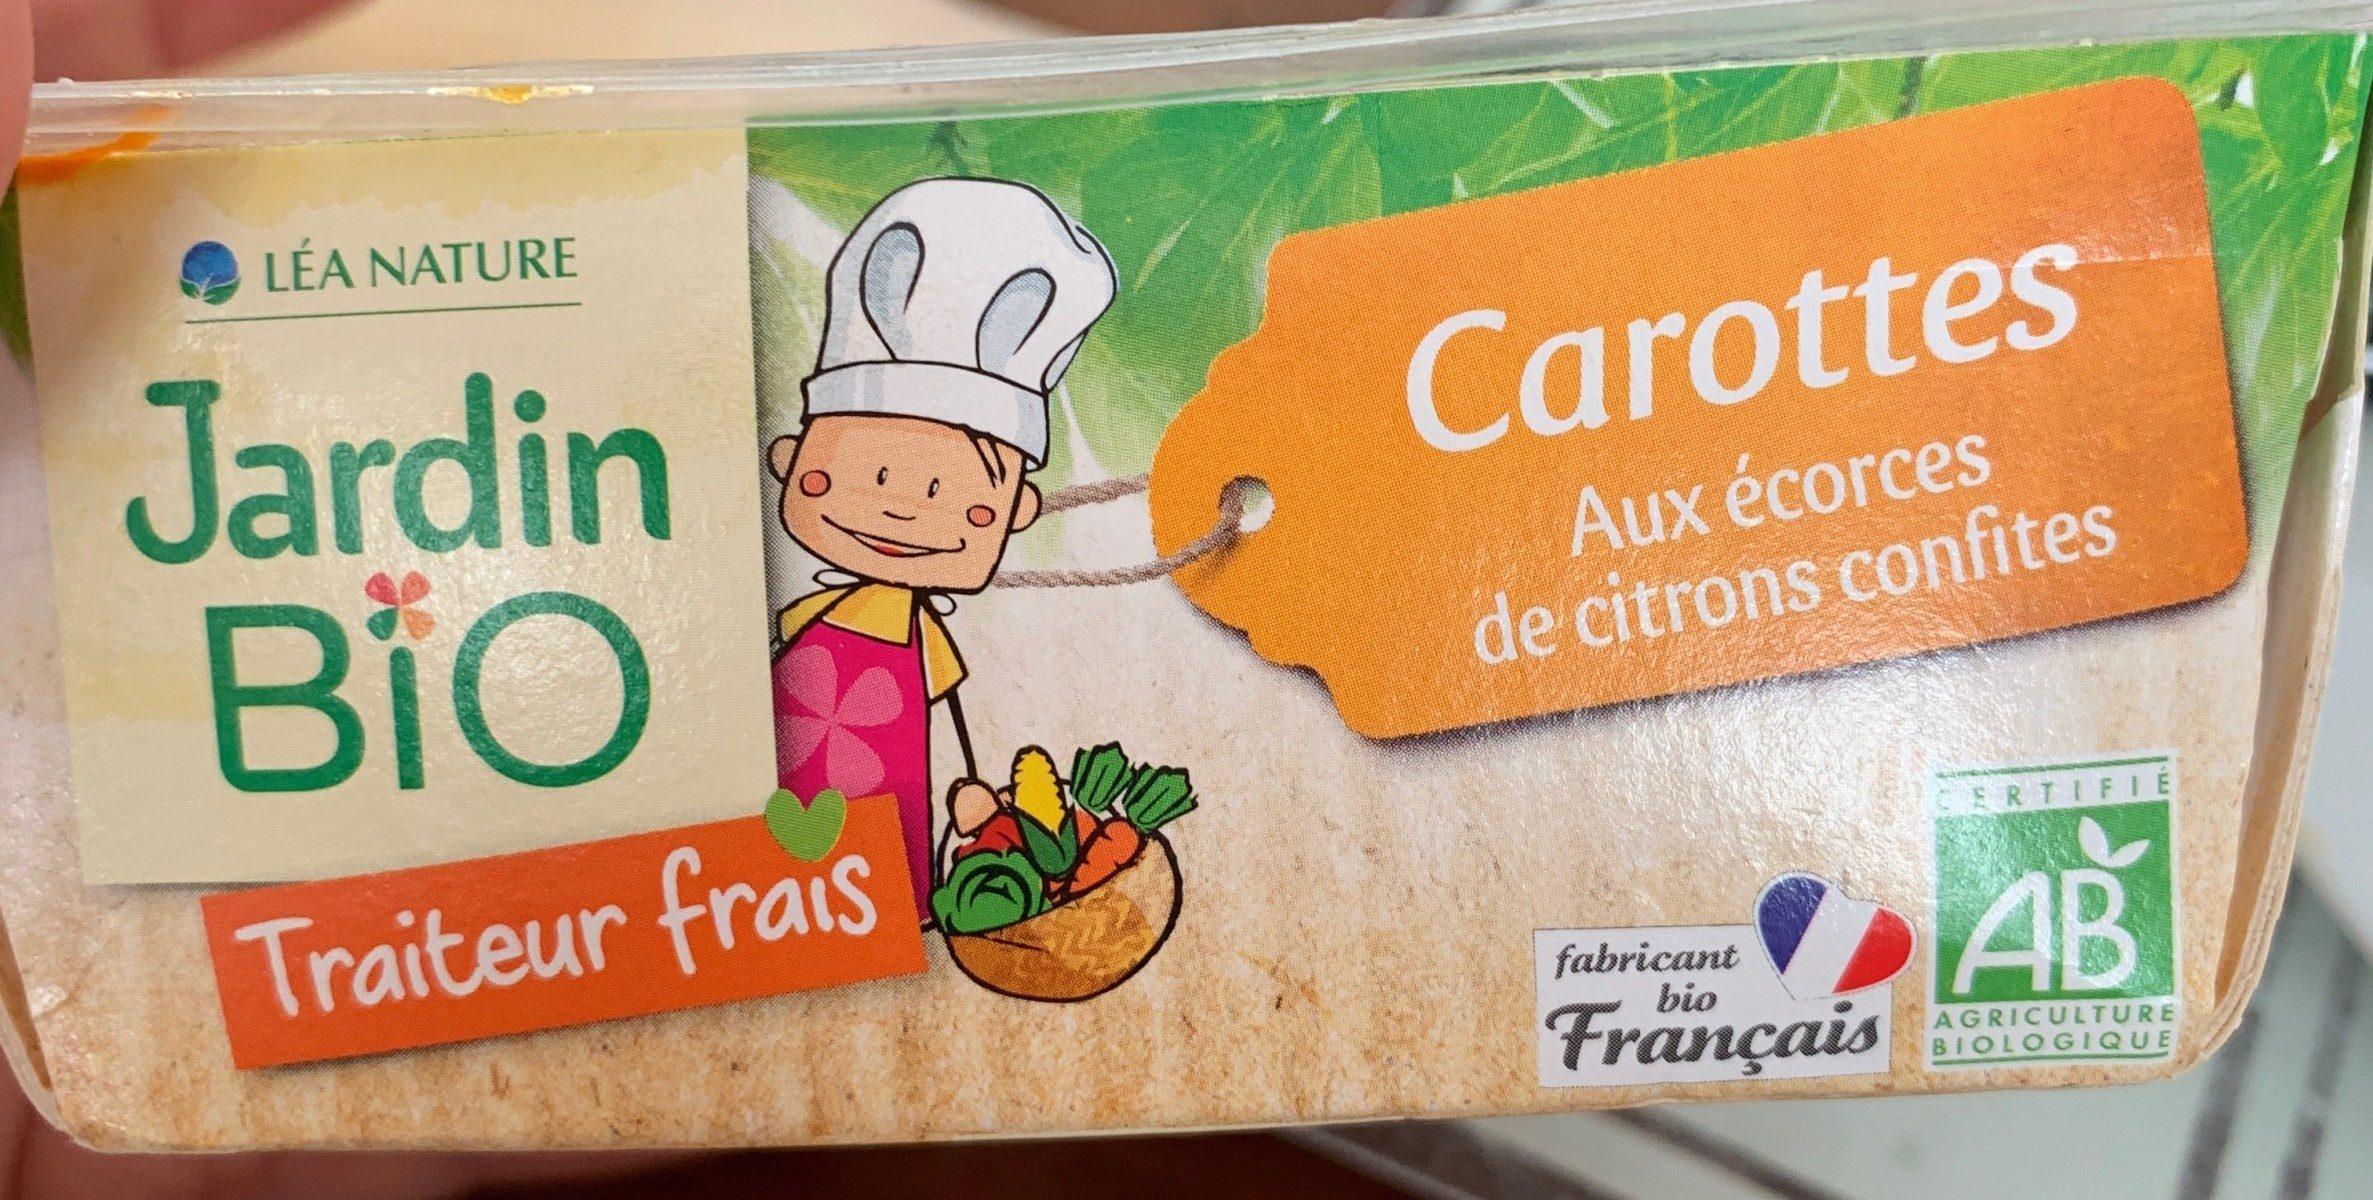 Carottes Aux Ecorces De Citrons Confites - Jardin Bio ... intérieur Ecorces Jardin